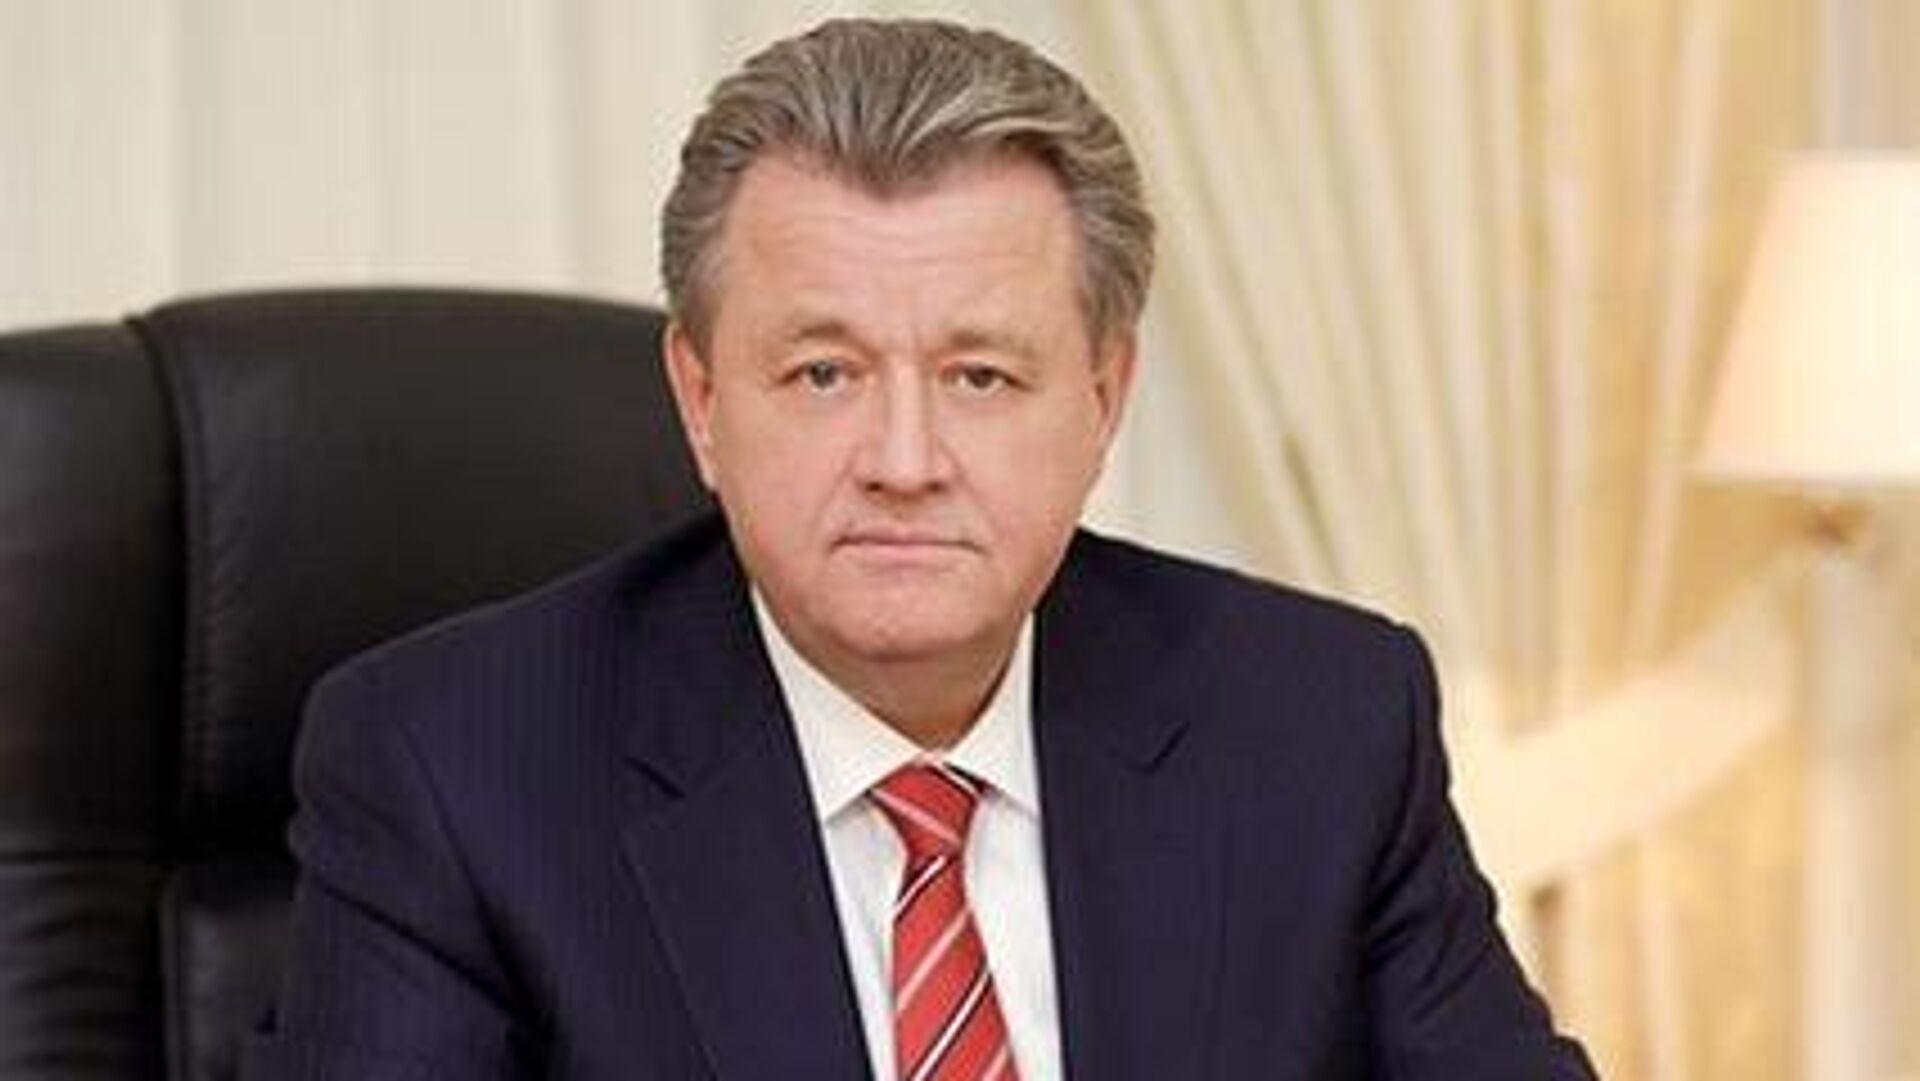 Мэр Нижневартовска сообщил об уходе с поста из-за проверки